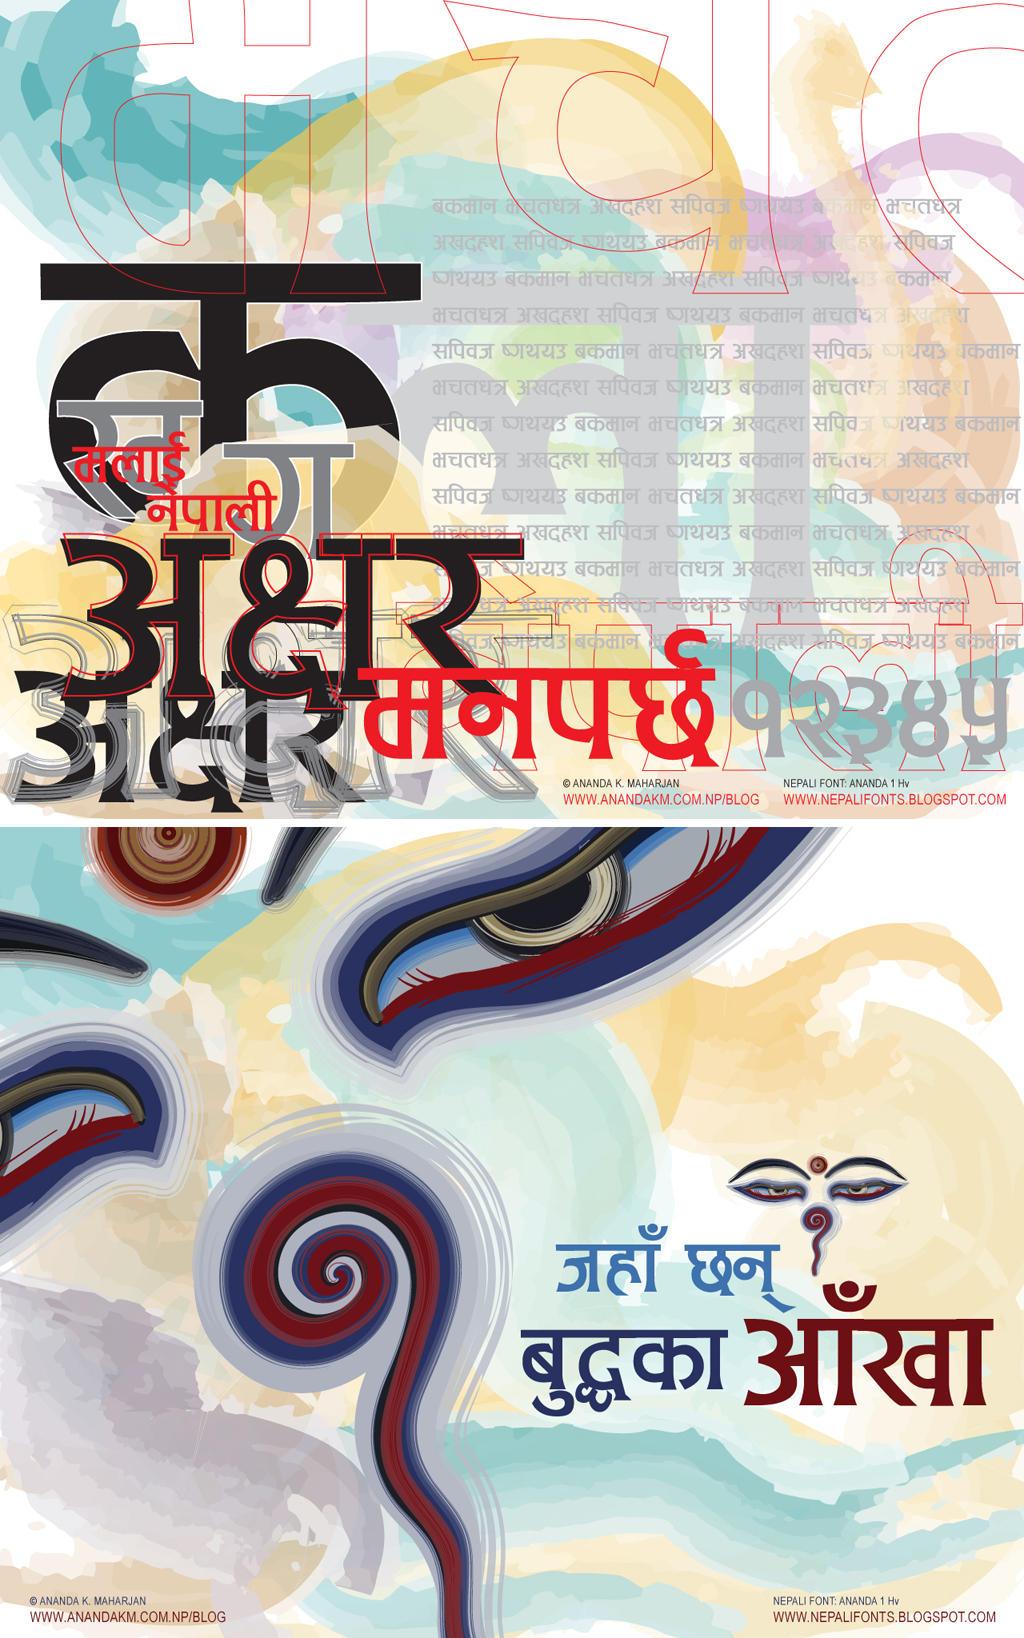 Nepali Font- Ananda 1 Hv by lalitkala